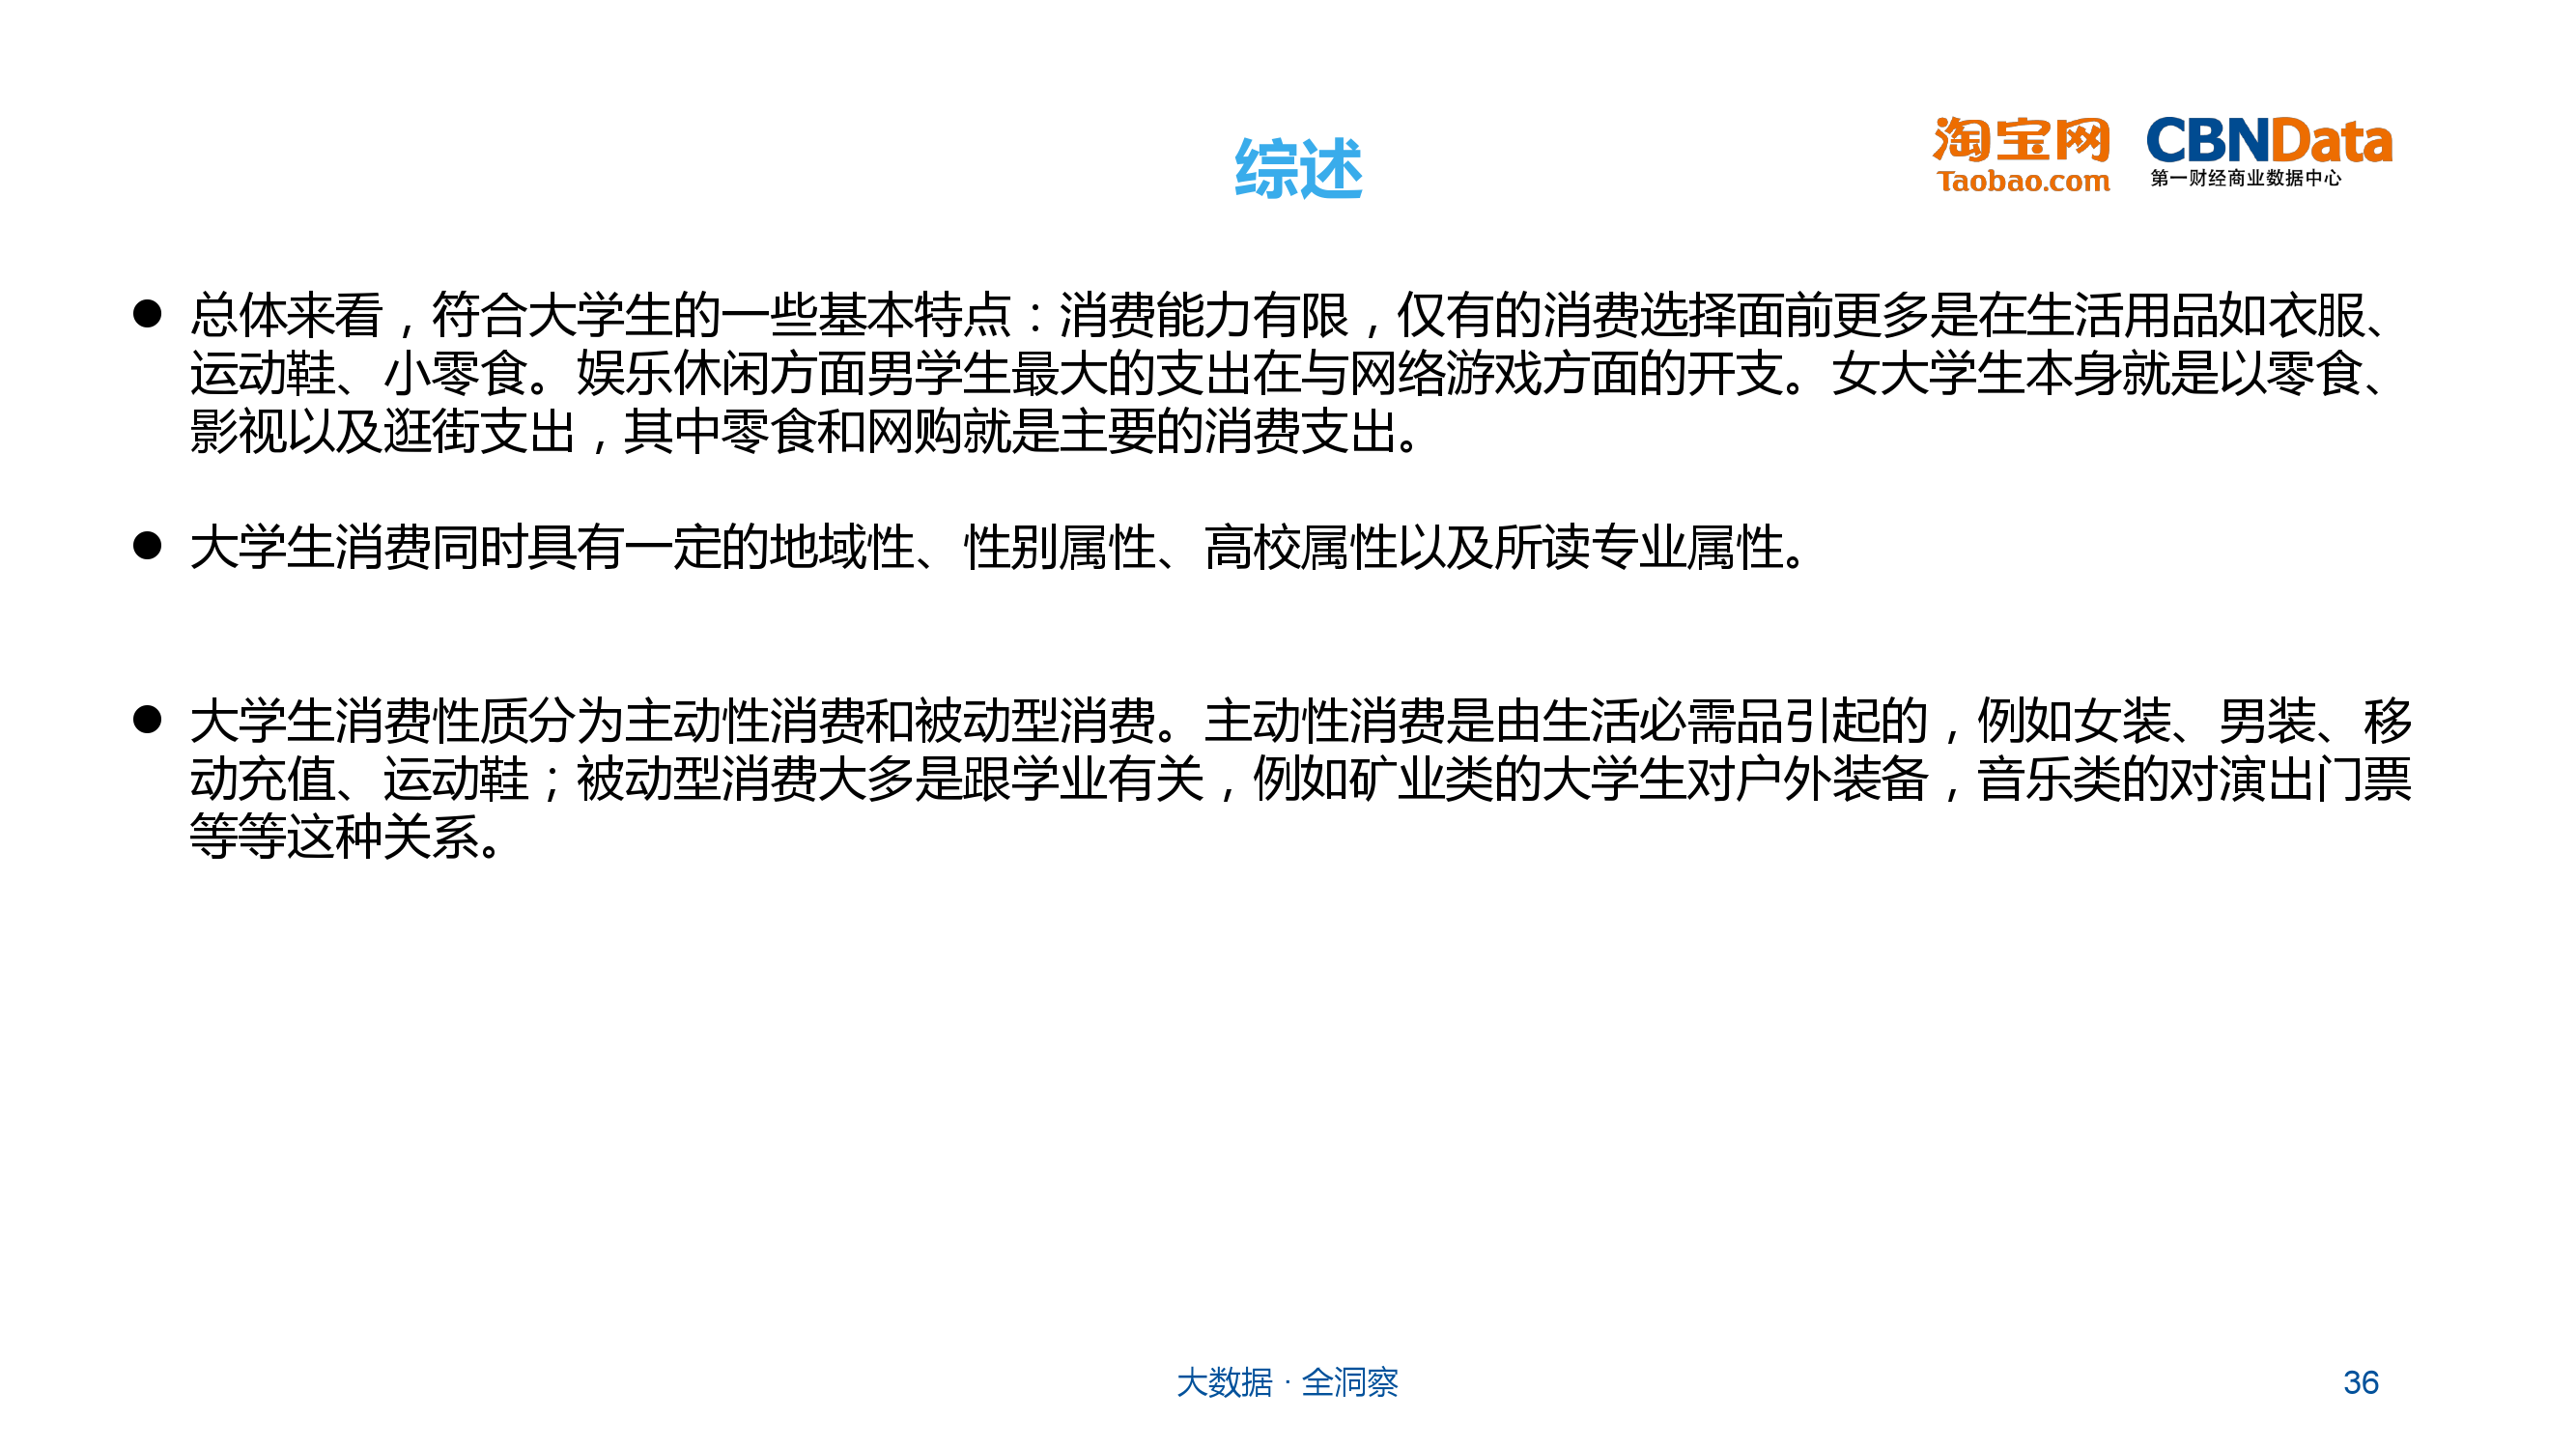 大学生群体网购行为分析_000036